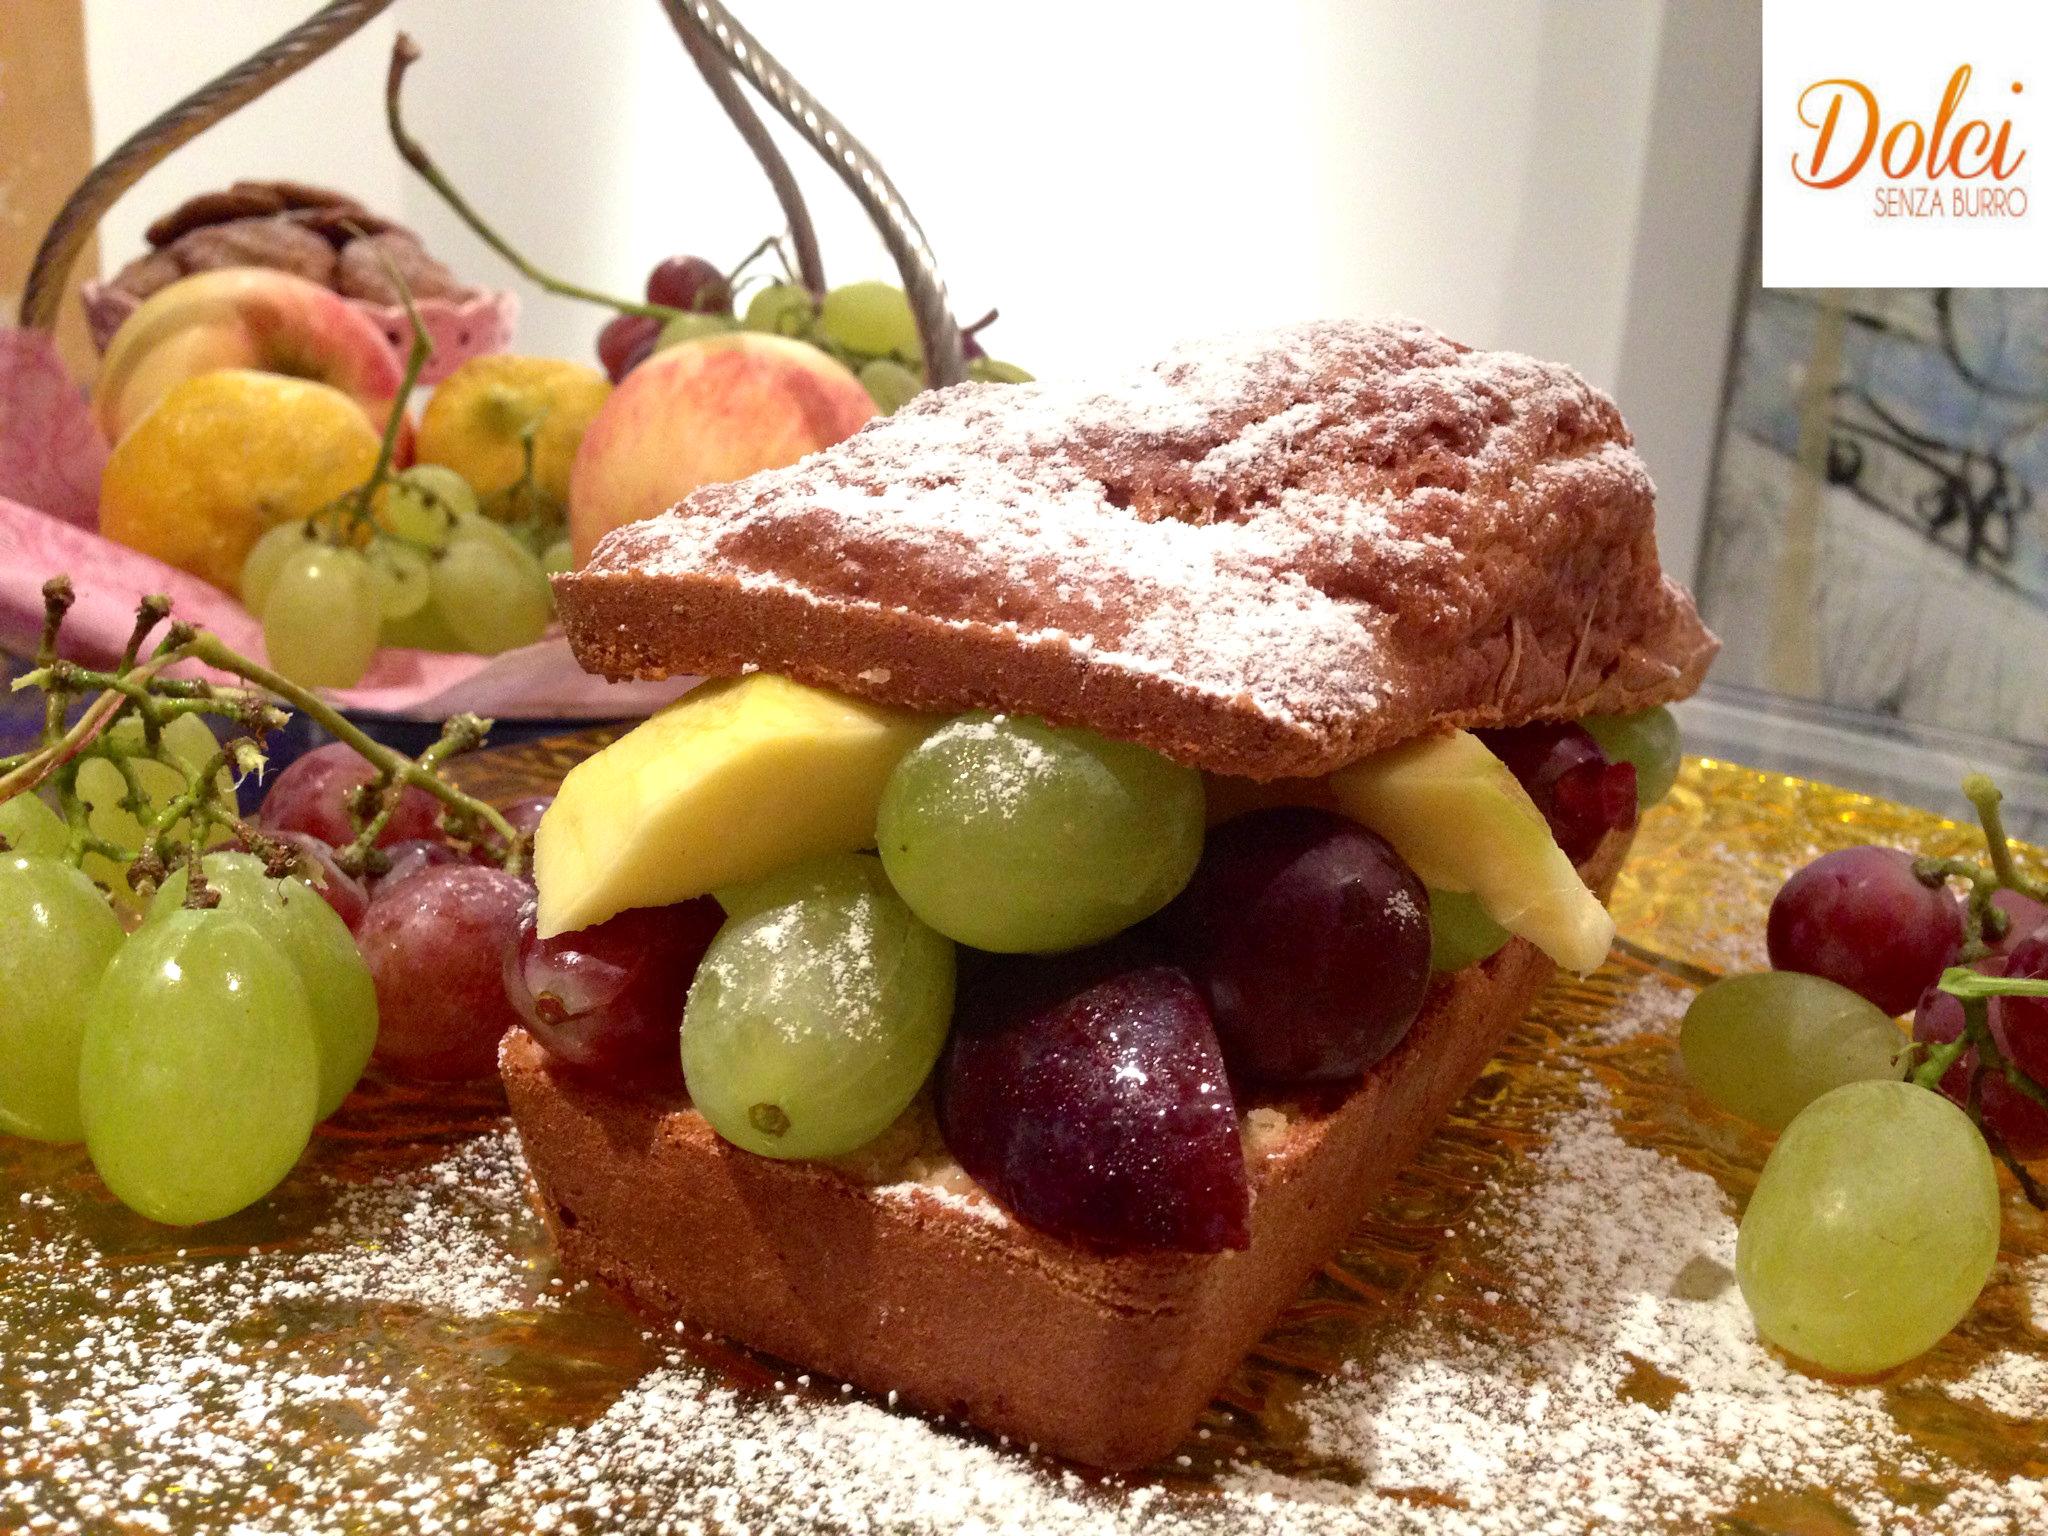 Plumcake alla Frutta Senza Burro, la torta senza lattosio golosa con frutta fresca di Dolci Senza Burro